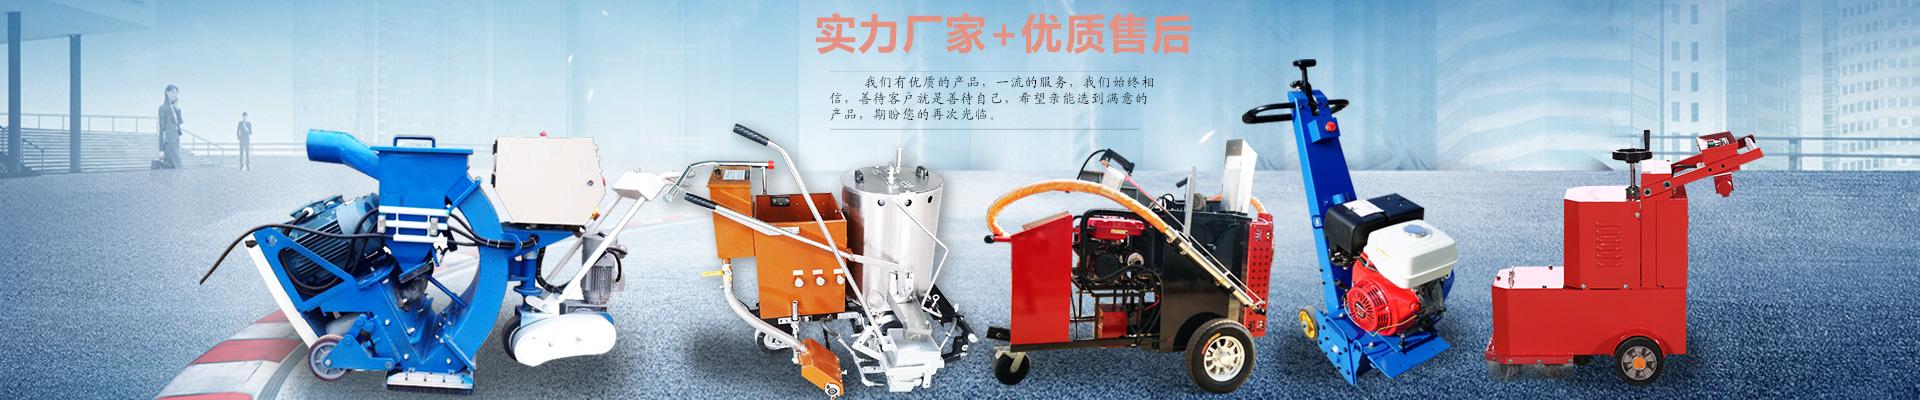 河南豫工机械有限公司